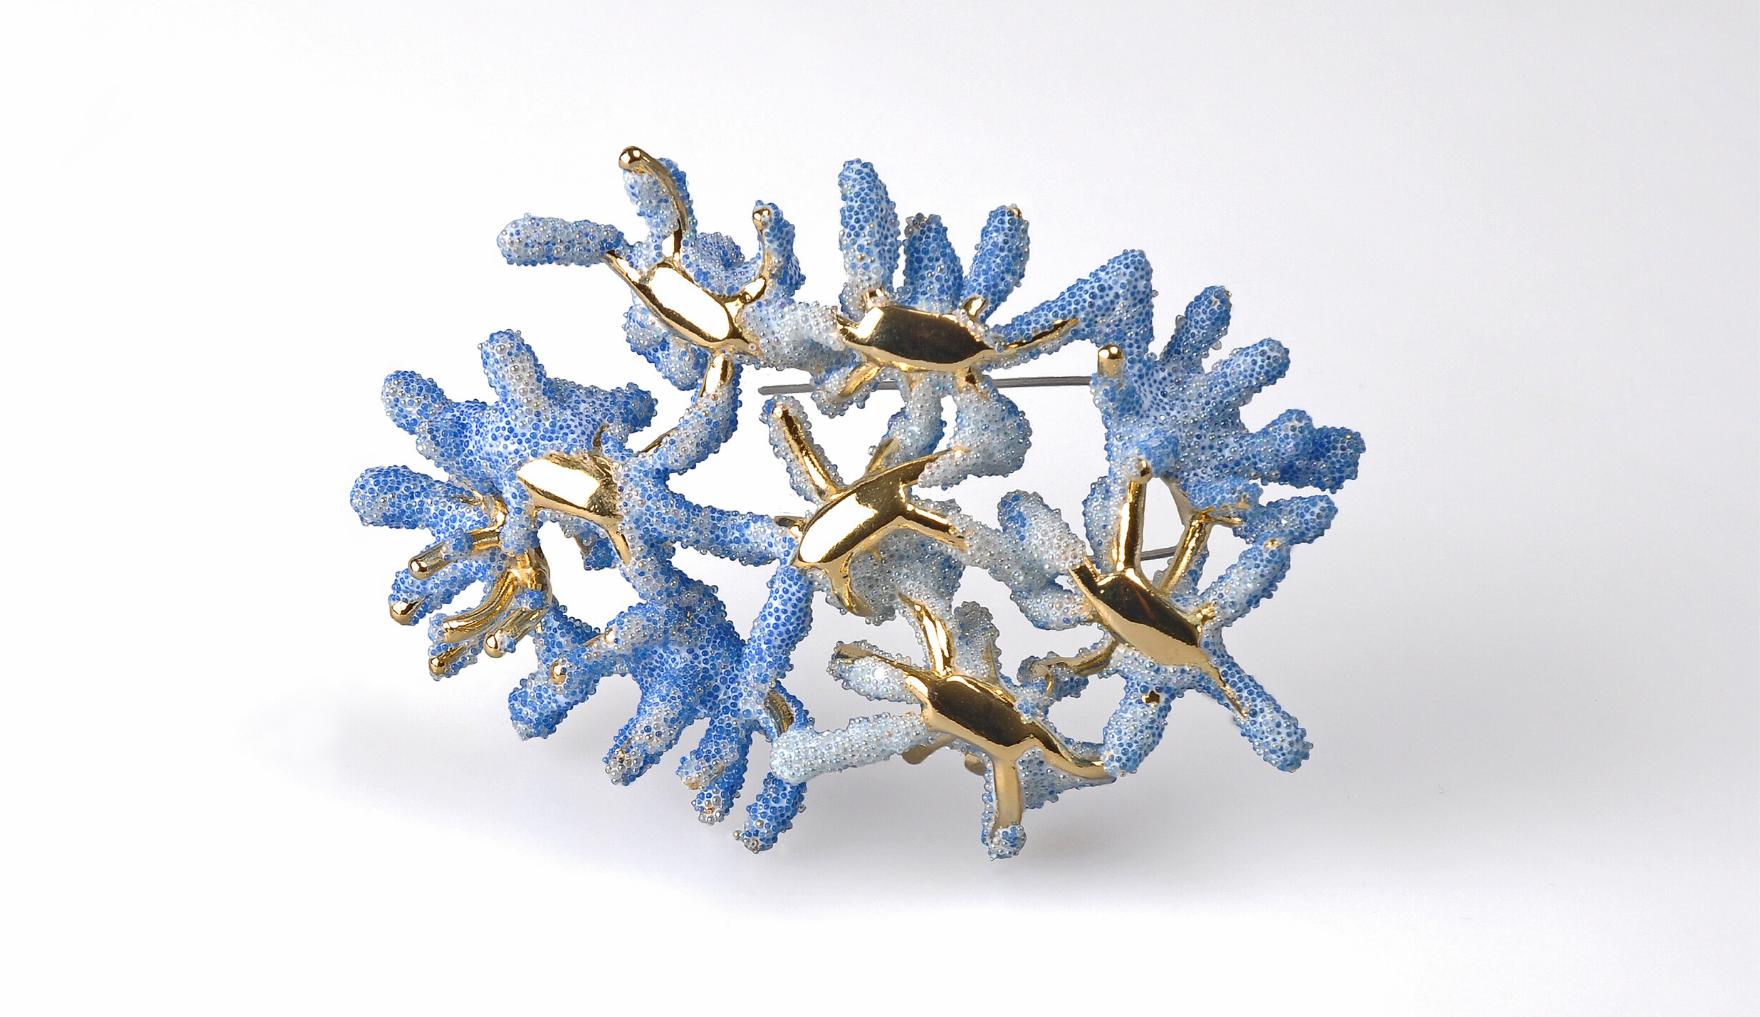 Aisegul Telli, Blue Coral Isle, Unique Brooch, Thereza Pedrosa Gallery